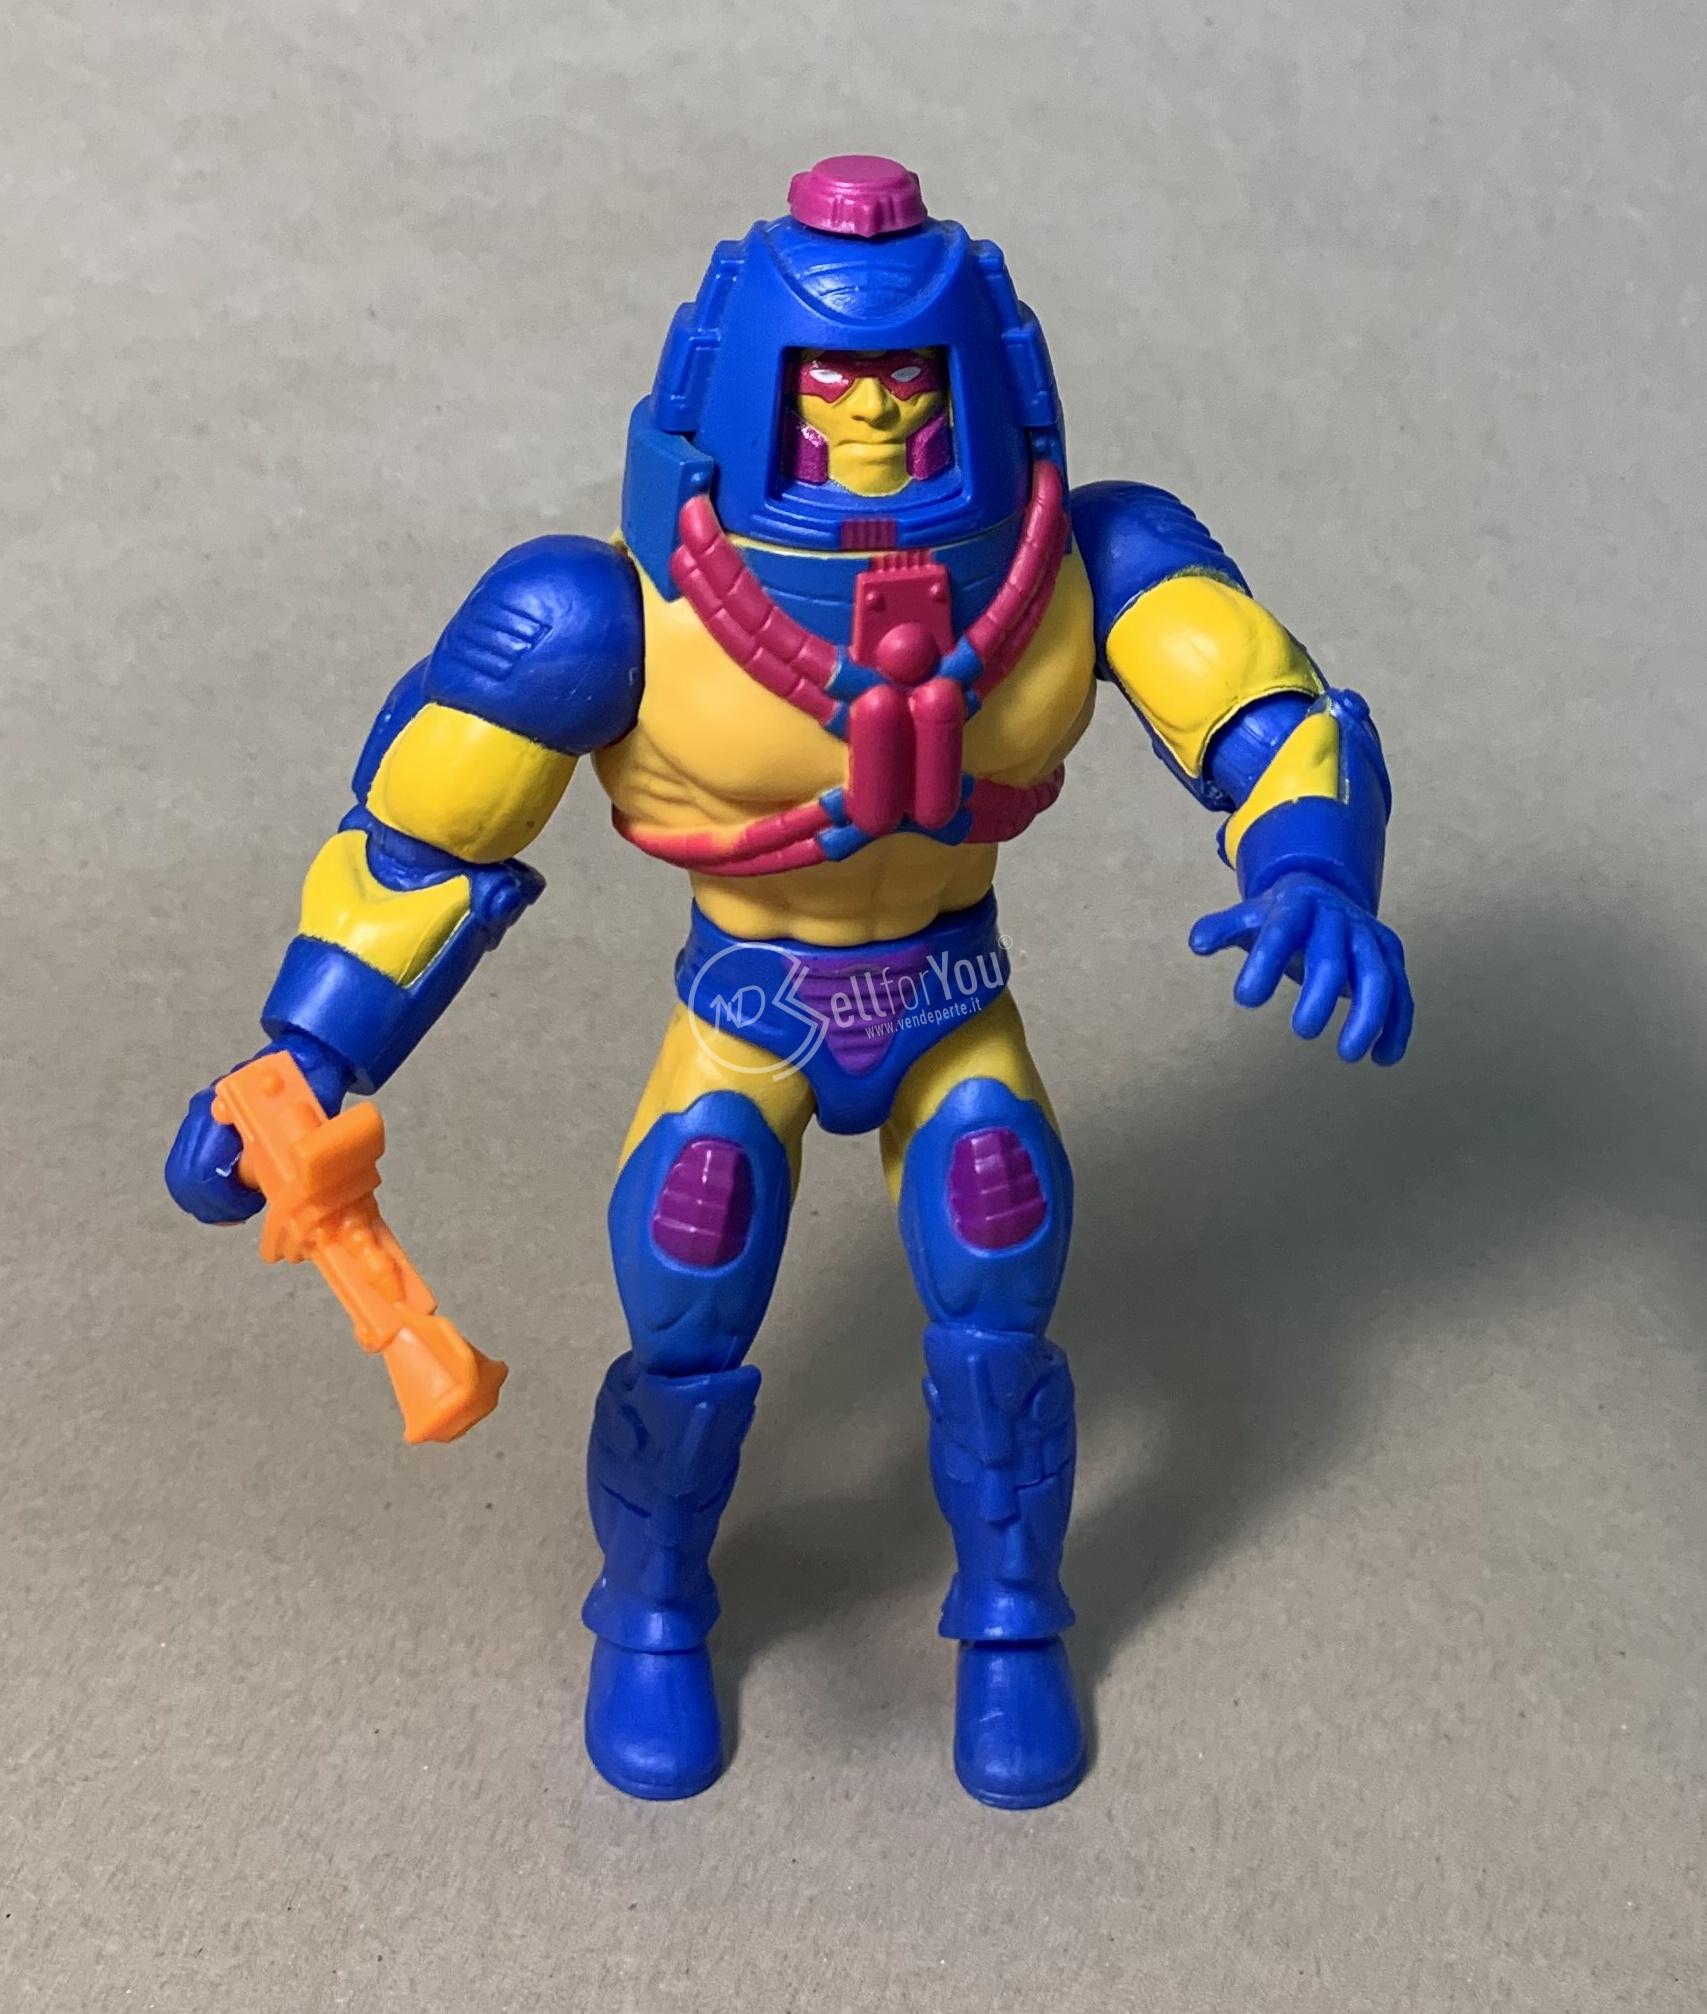 sellforyou immagine default articolo correlato non trovatoMasters of the Universe Origins Man e Face Mattel 2020